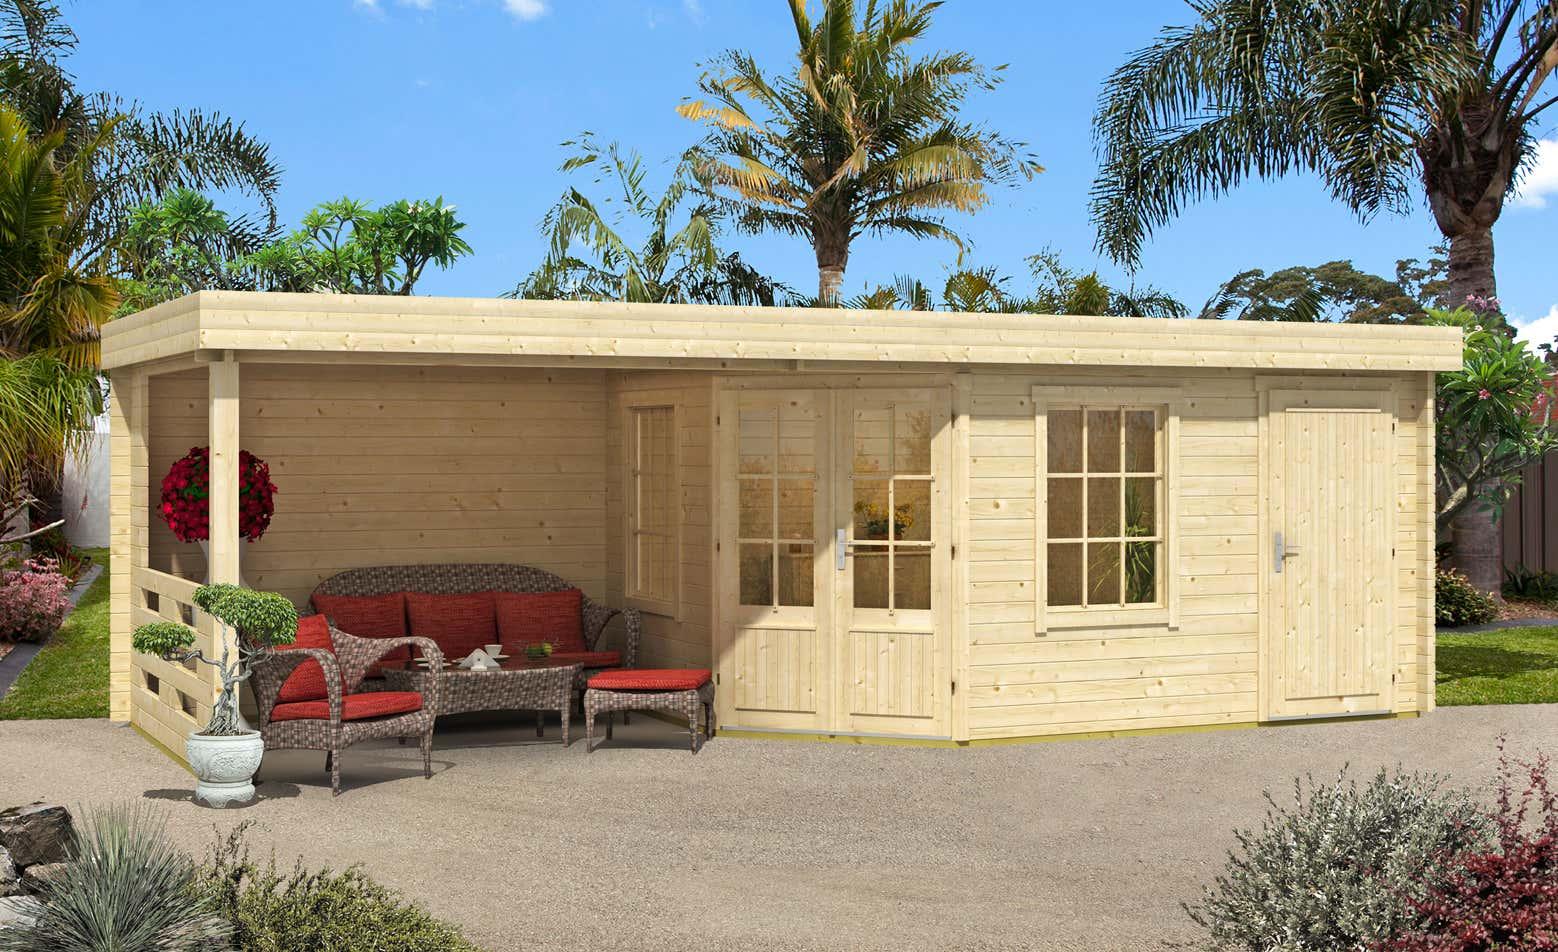 gartenhaus modell johanna a z gartenhaus gmbh. Black Bedroom Furniture Sets. Home Design Ideas